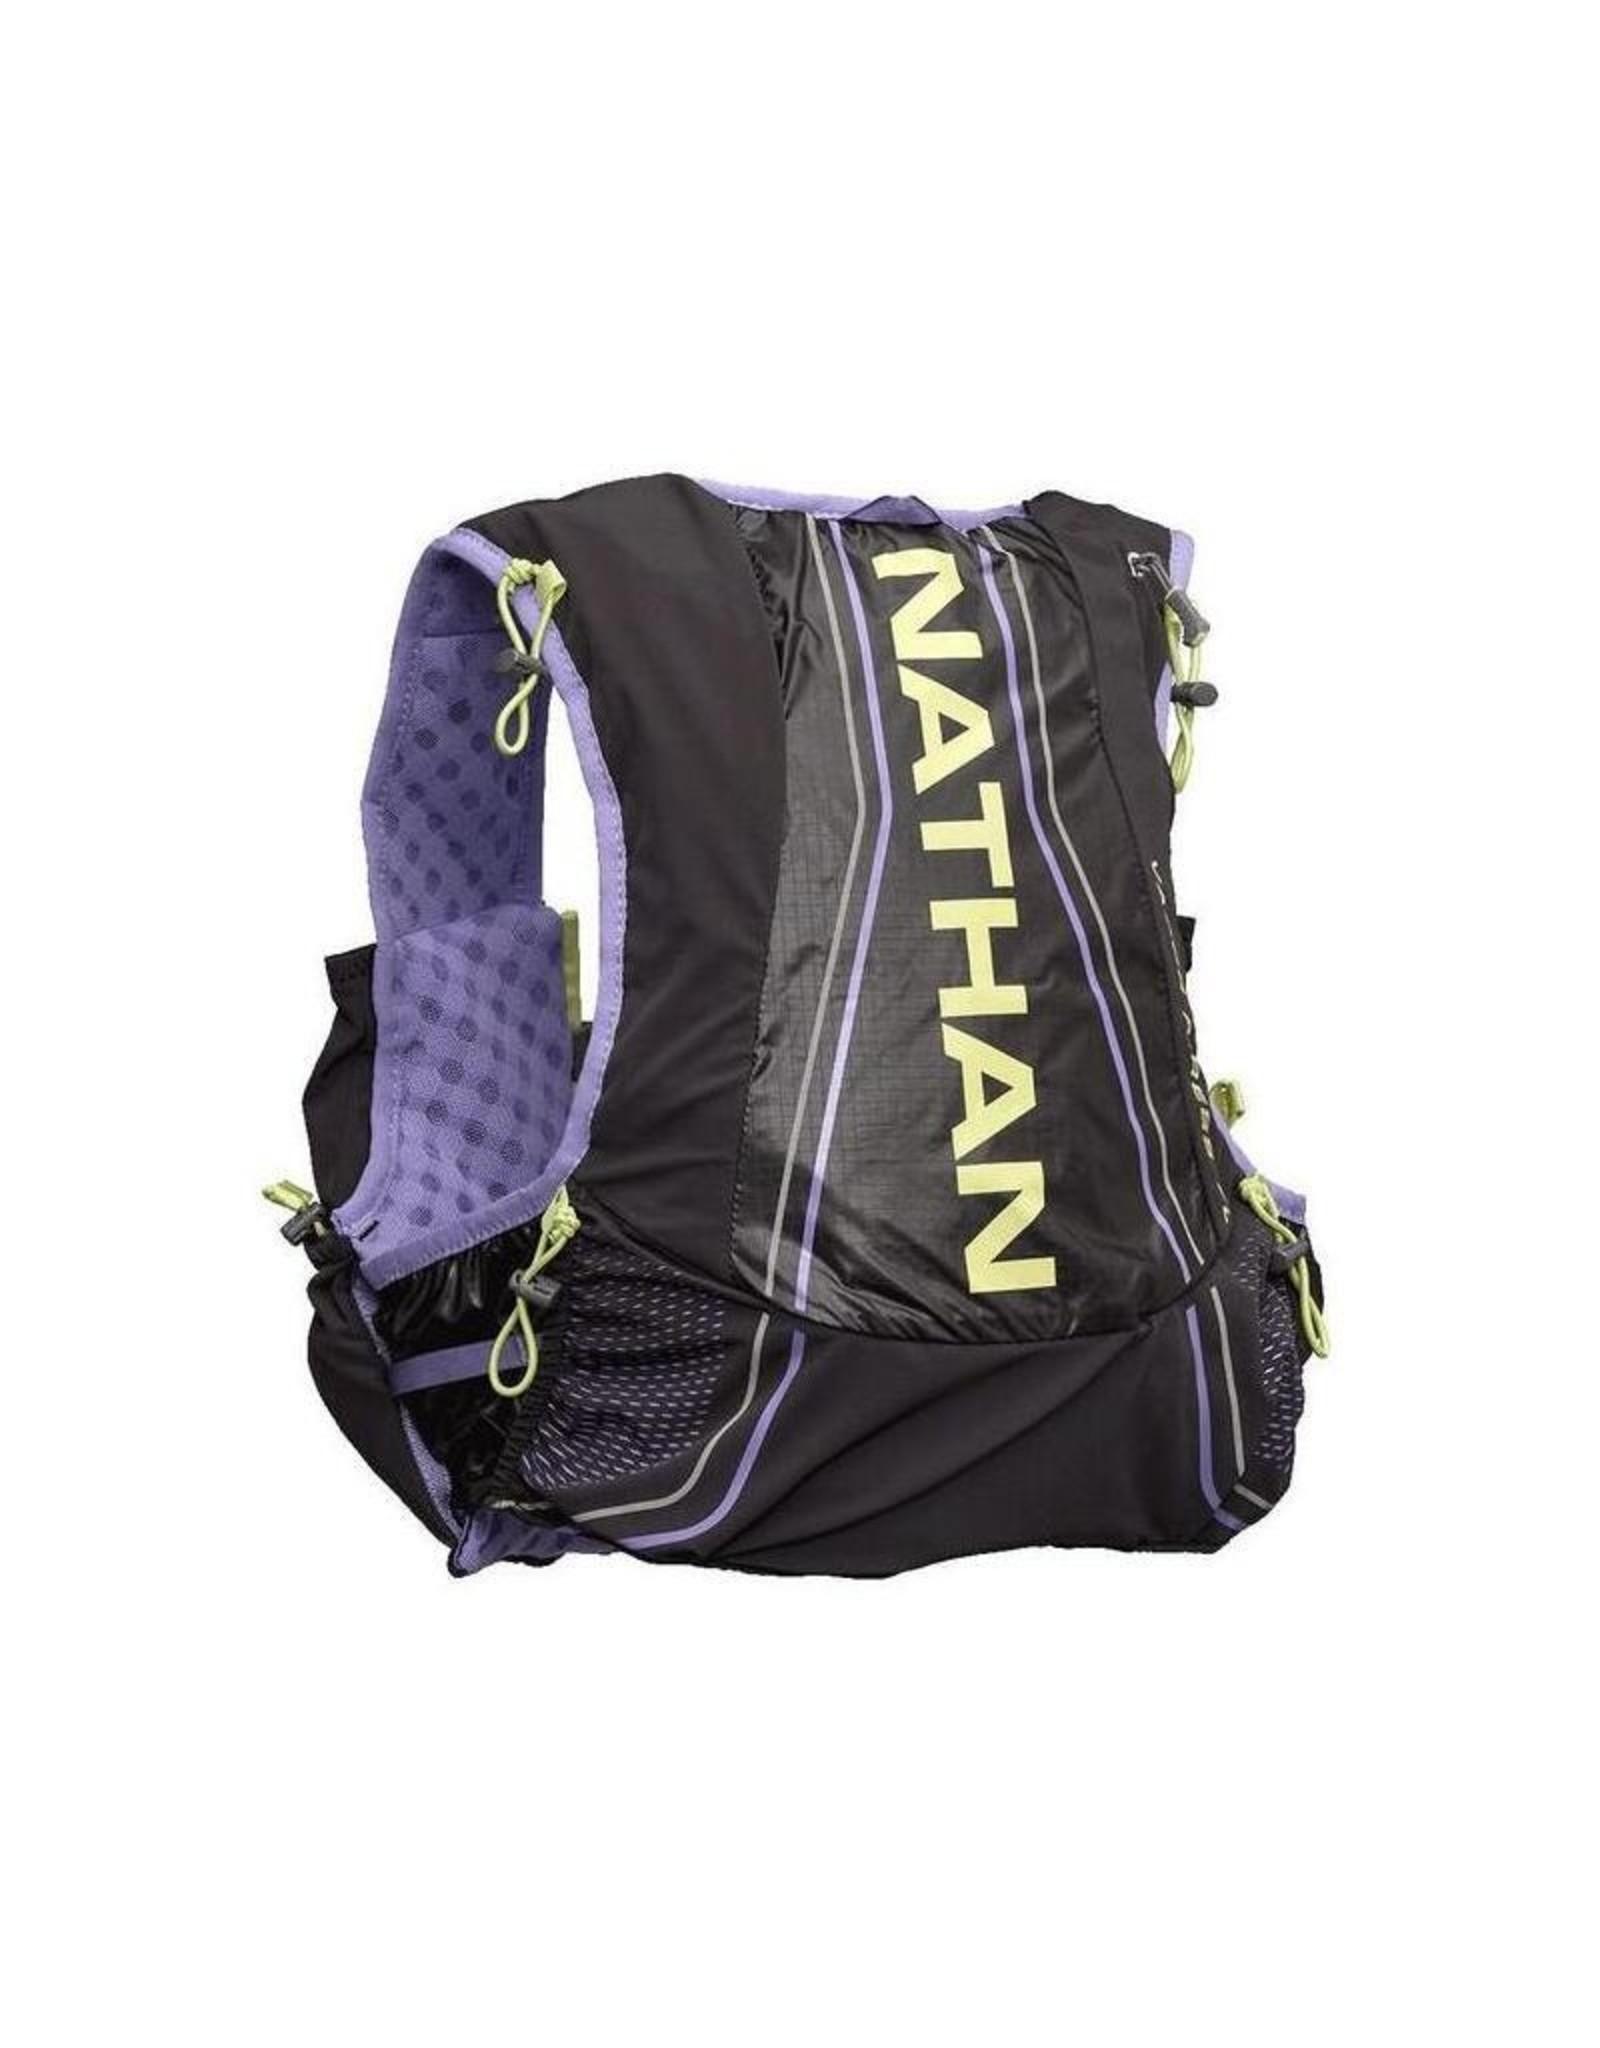 NATHAN VAPORAIRESS 2.0 7L